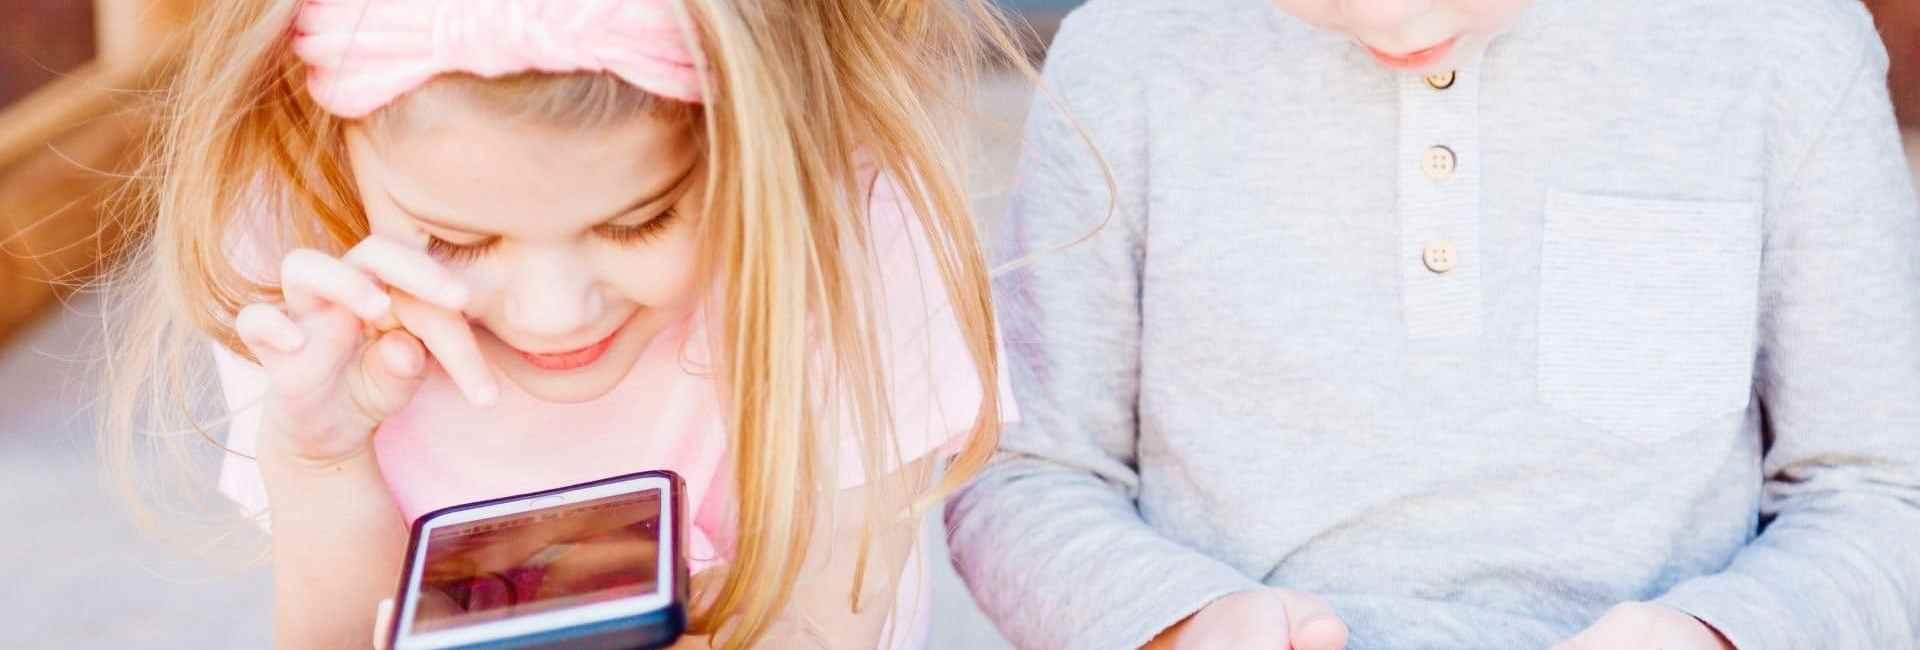 Deux enfants avec des smartphones